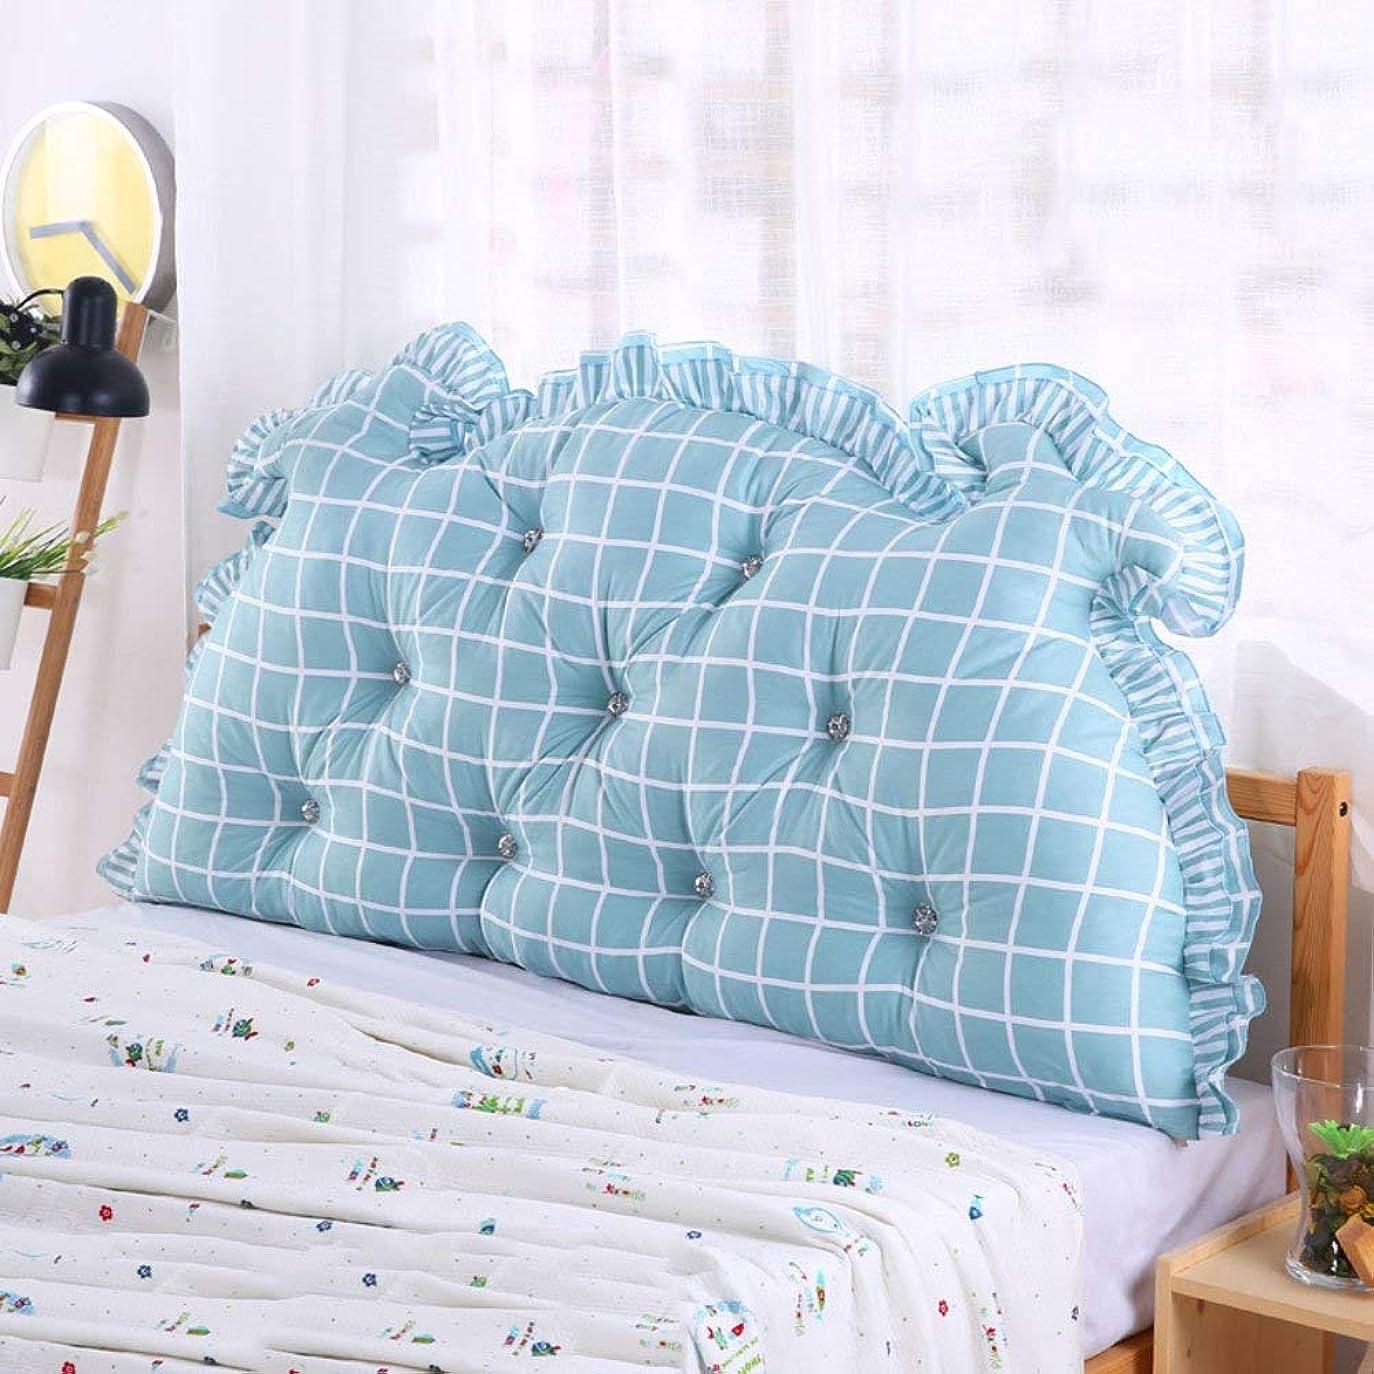 裁定オープニング気楽なNanwu ベッドサイドの読書枕背部クッション、ソファーマットクッション100%綿背もたれ位置決めサポート枕 (Color : B, サイズ : 110x70x15cm(43x28x6inch))